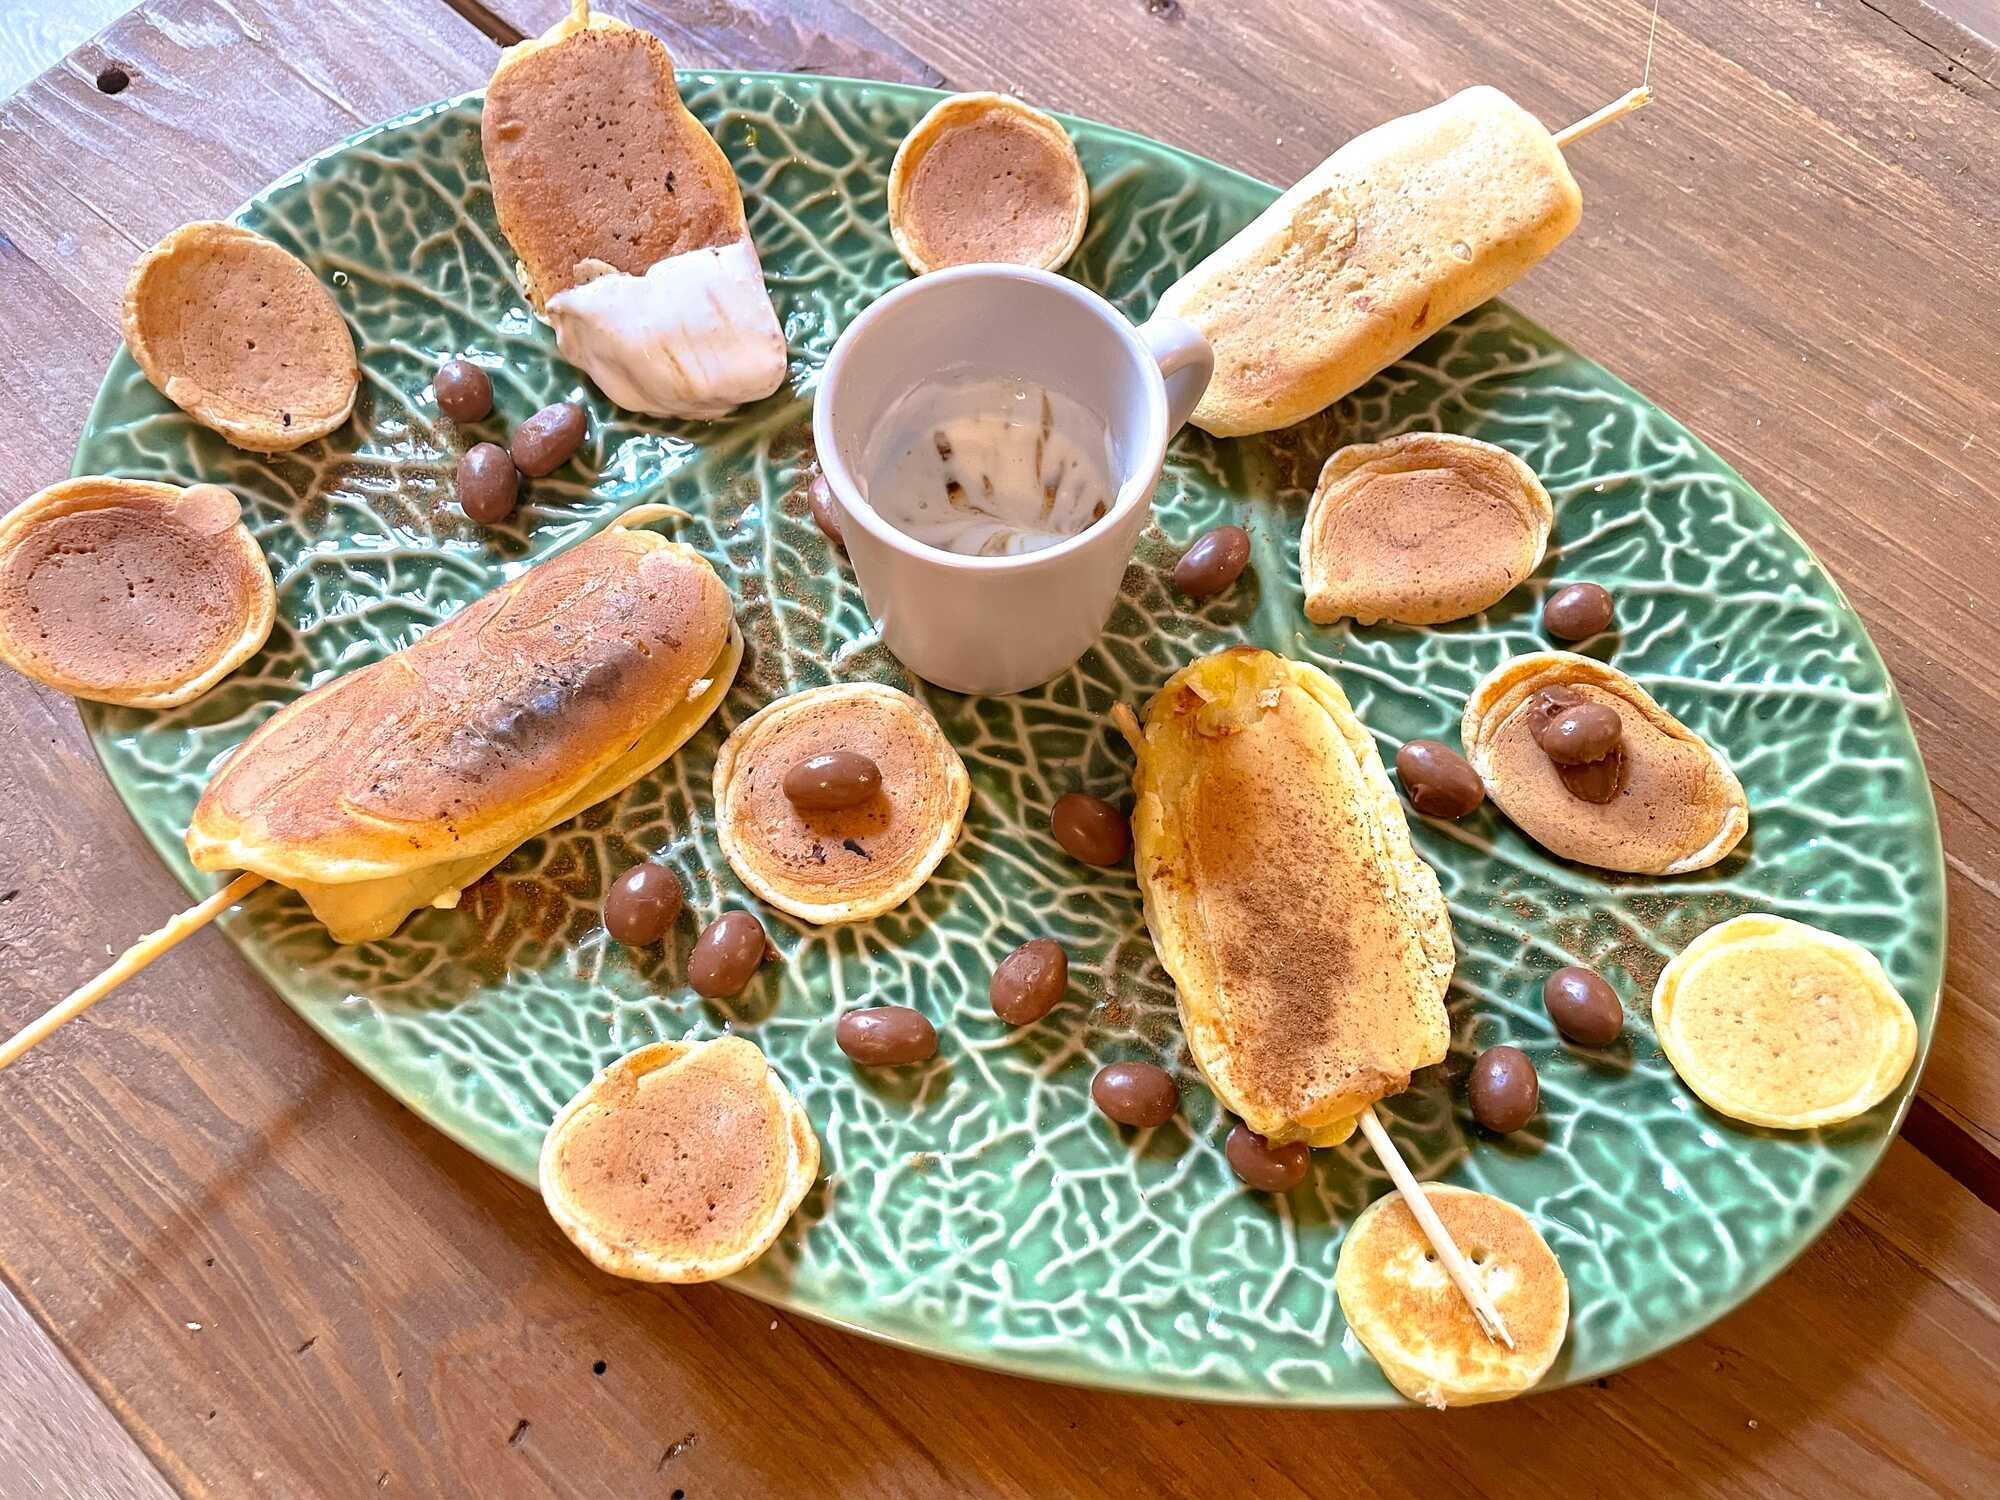 Les sucettes de pancake/banane sont accompagnées de pépites de chocolat, elles sont déposées sur un joli plat ovale de couleur vert.